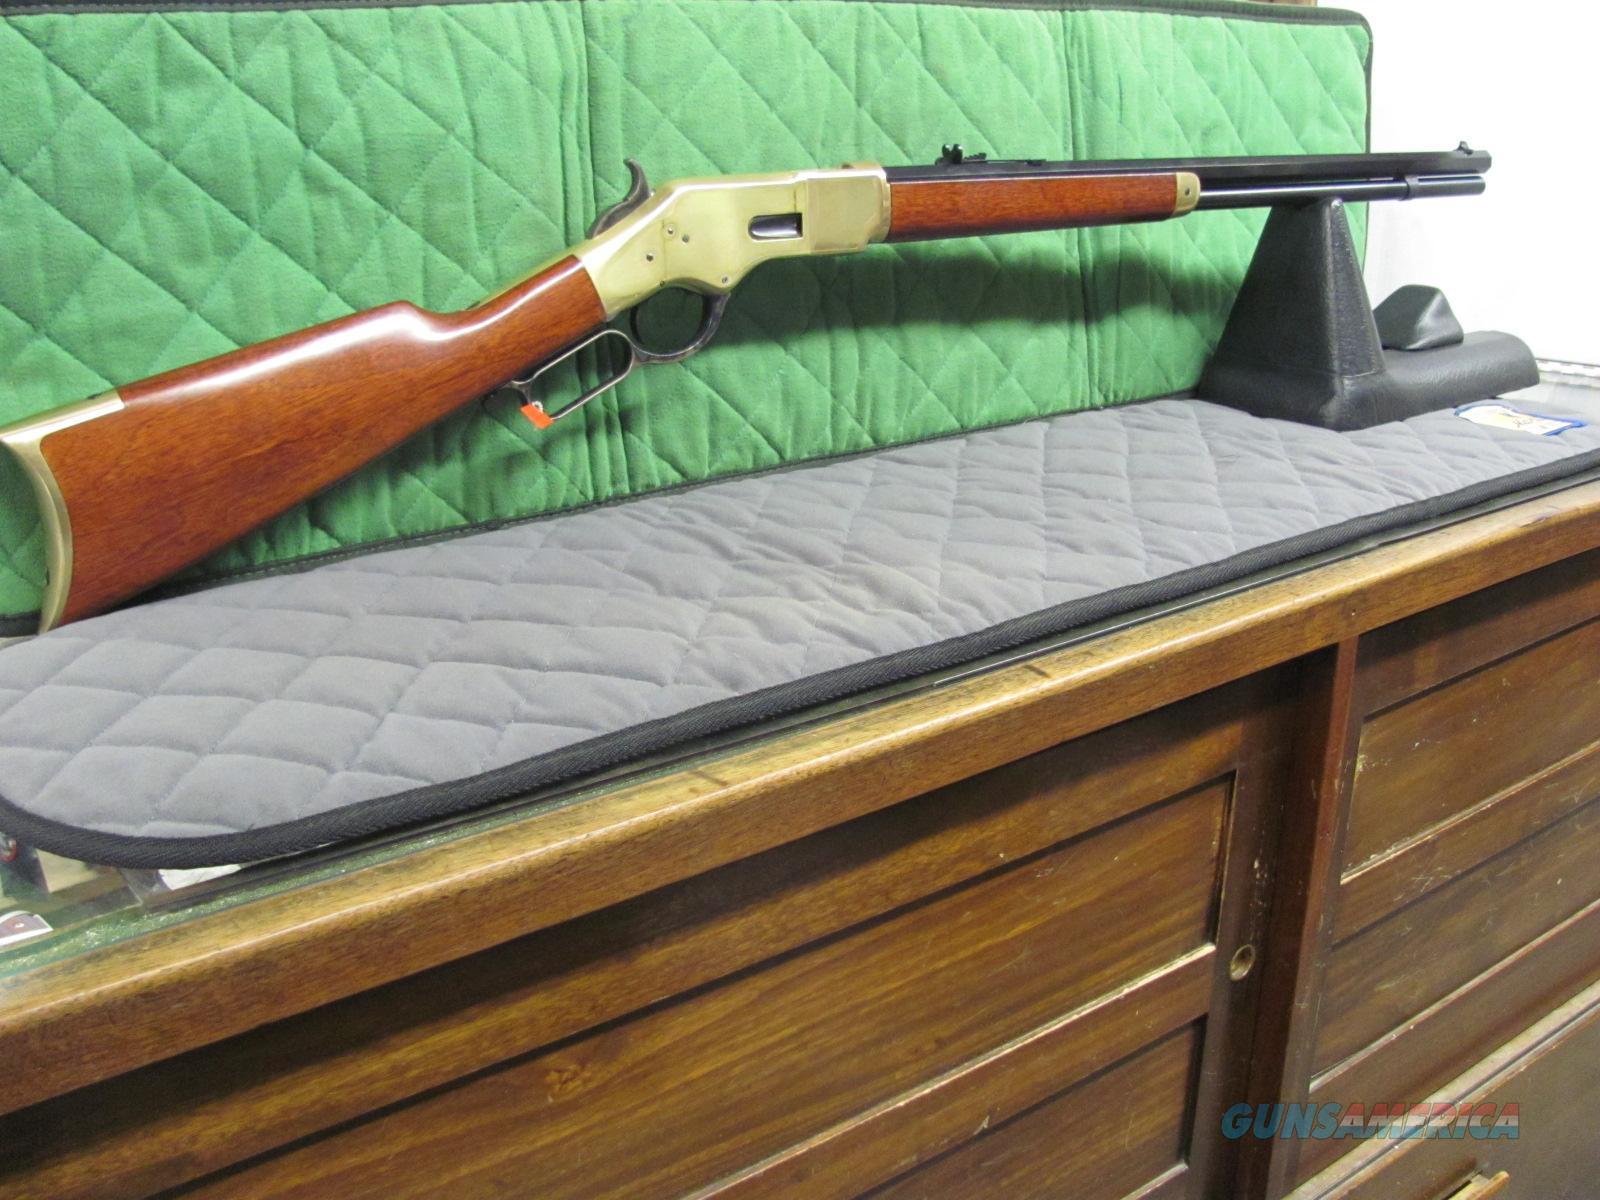 Uberti 1866 Yellowboy Sporting Rifle .44-40  **NEW** 342320  Guns > Rifles > Uberti Rifles > Lever Action